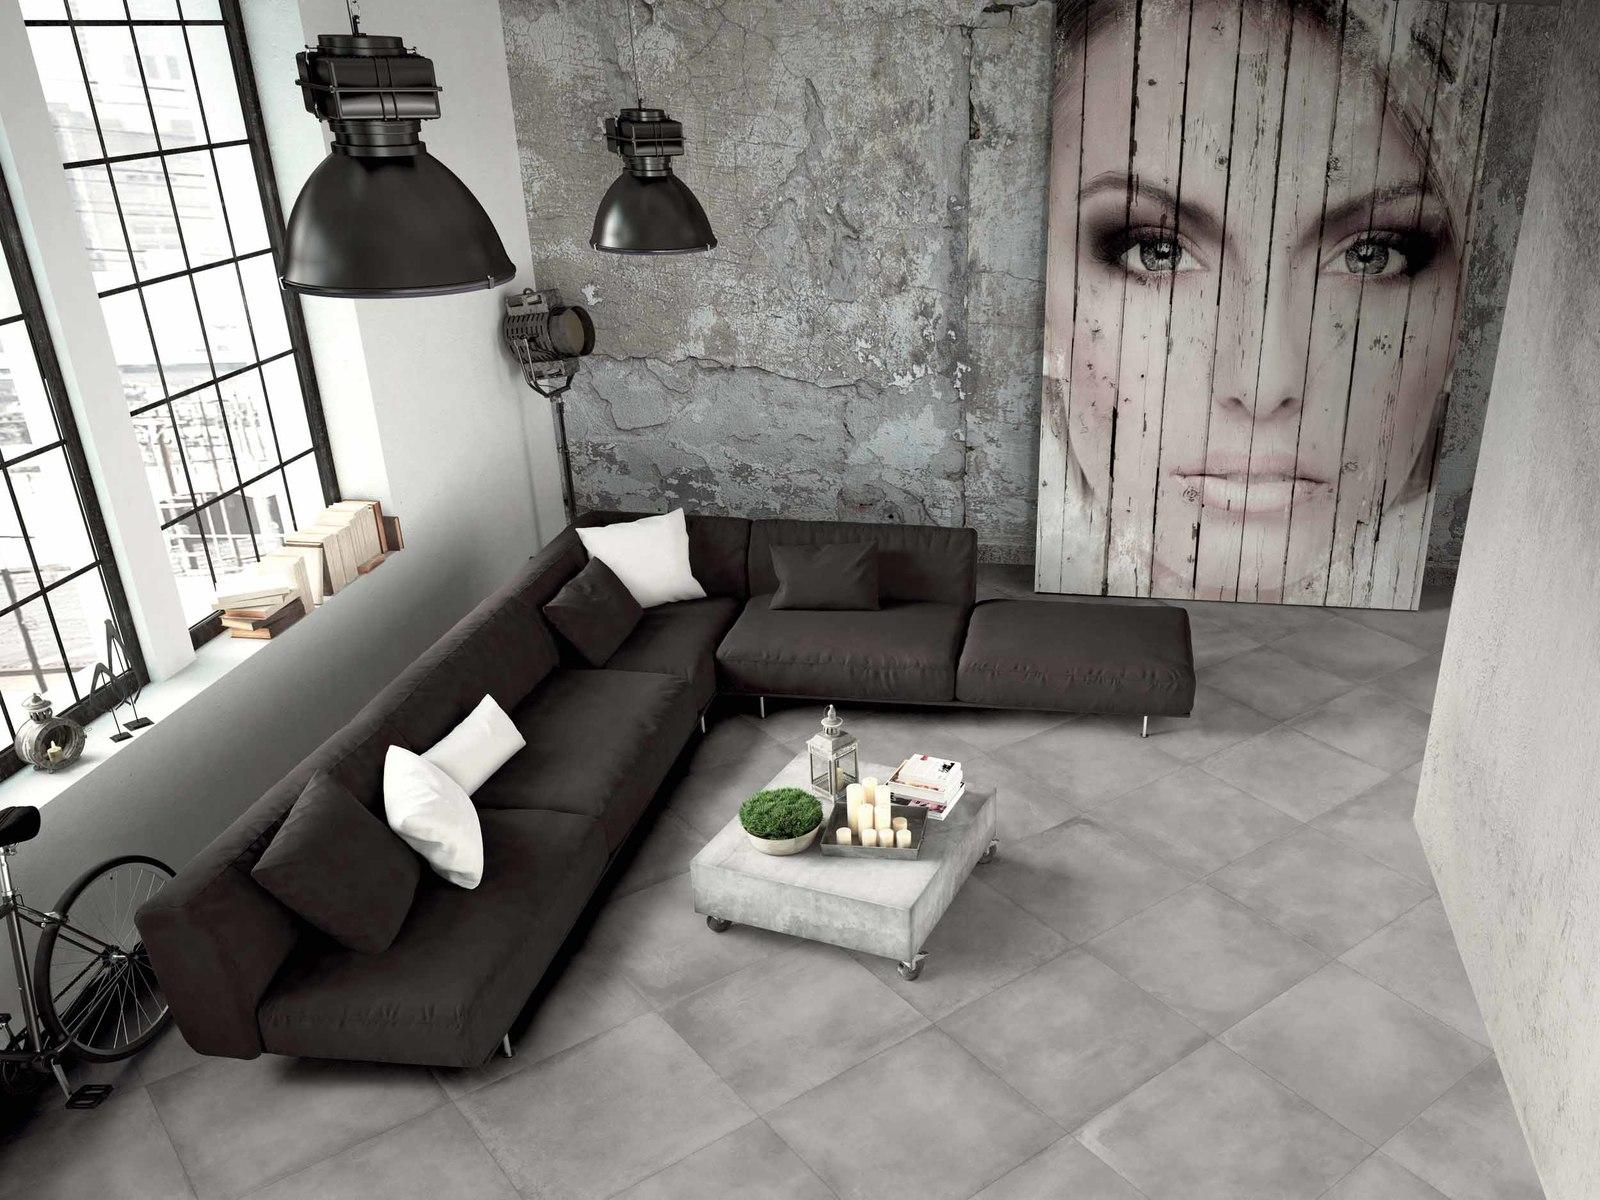 Stil_casa_belsito_cosenza_bbls_group_paviment_rivestimenti_arredo_bagno_piastrelle_ceramica_stile_moderno_4